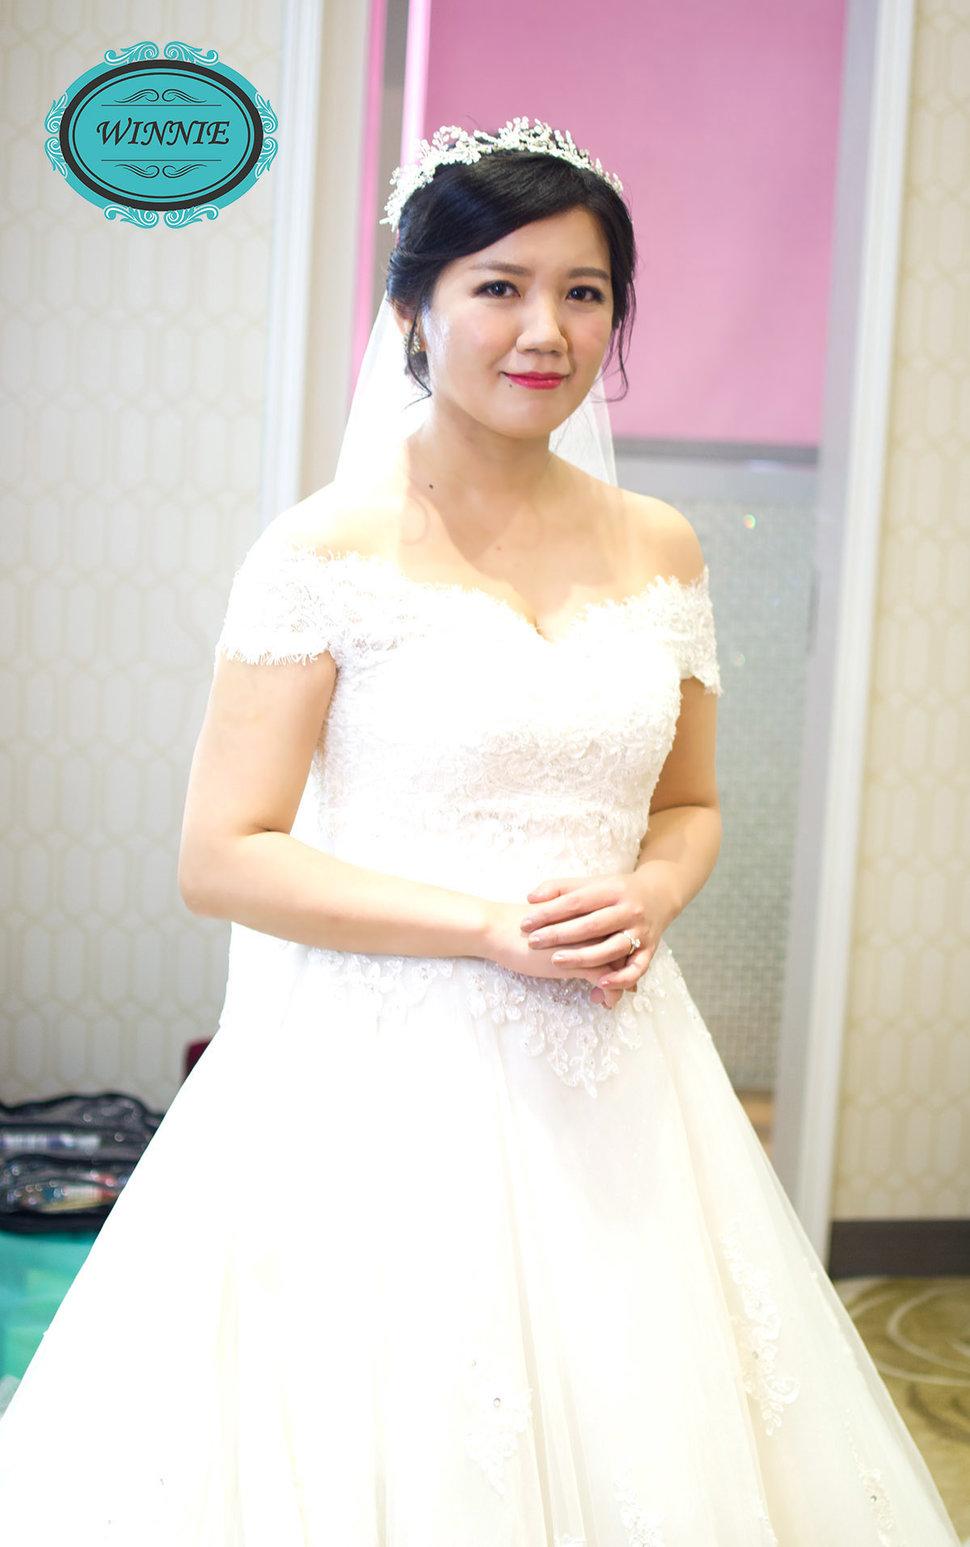 白紗精選造型(編號:509089) - Winnie白色時尚城堡新娘秘書《結婚吧》